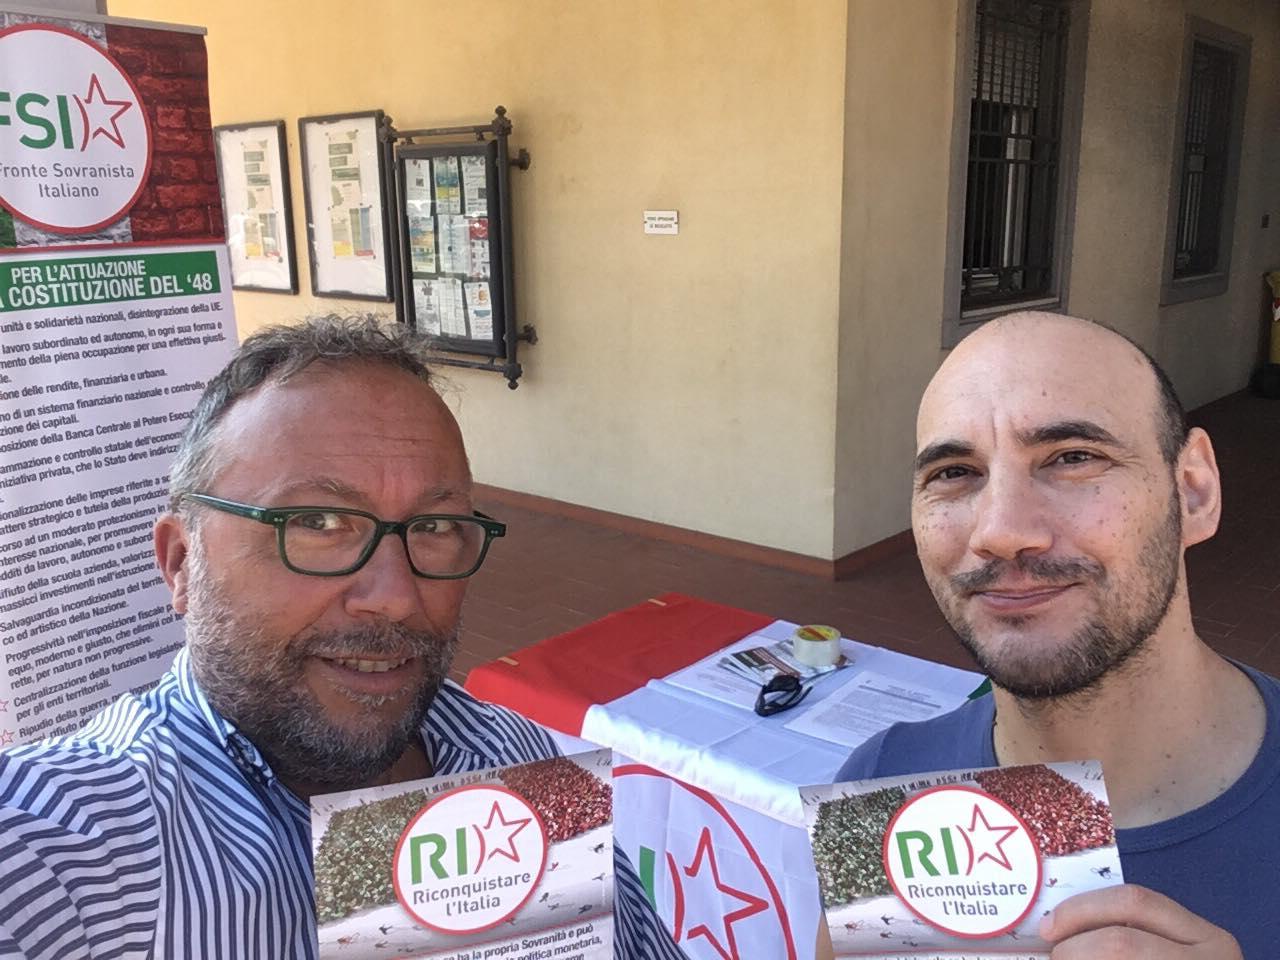 Banchetto fronte sovranista italiano a gatteo fc o dell for Gardini per arredare gatteo fc